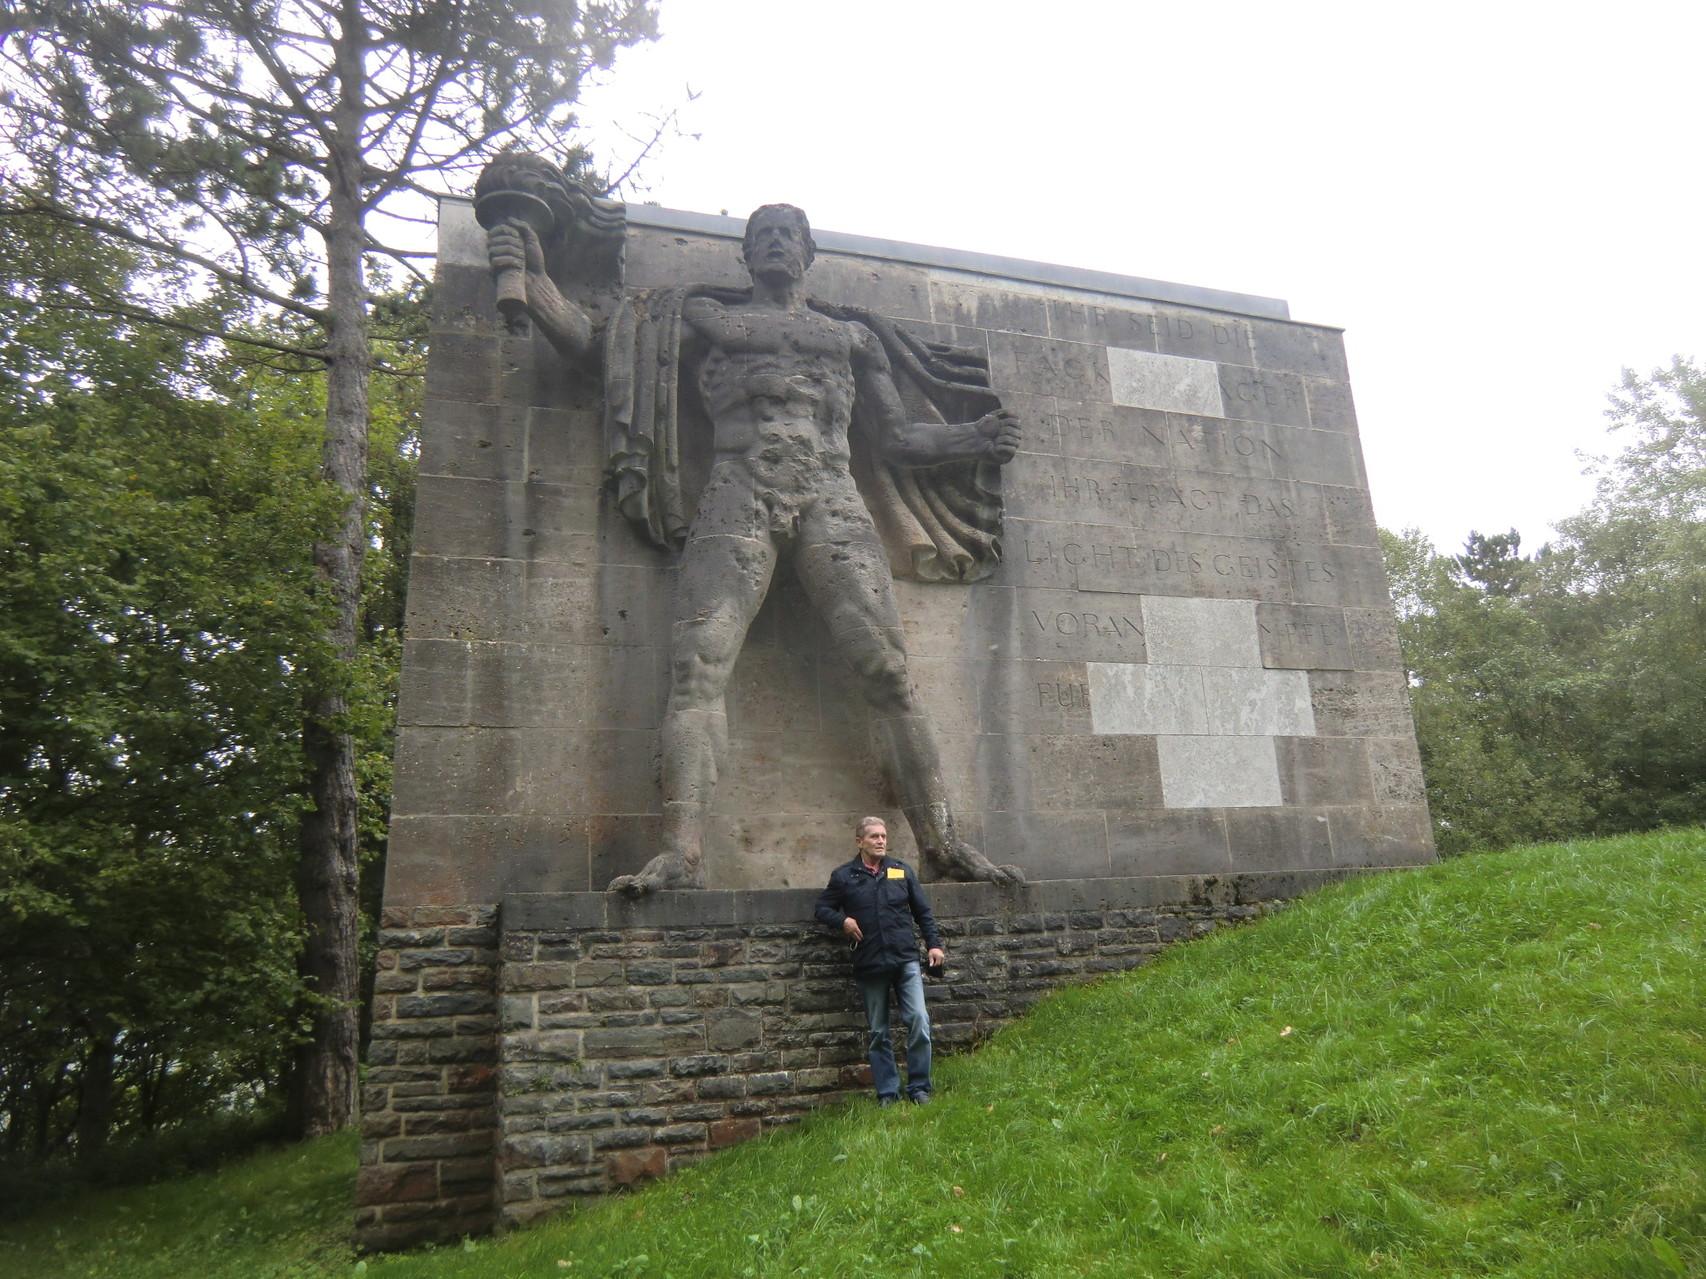 Eines der großen Monumente